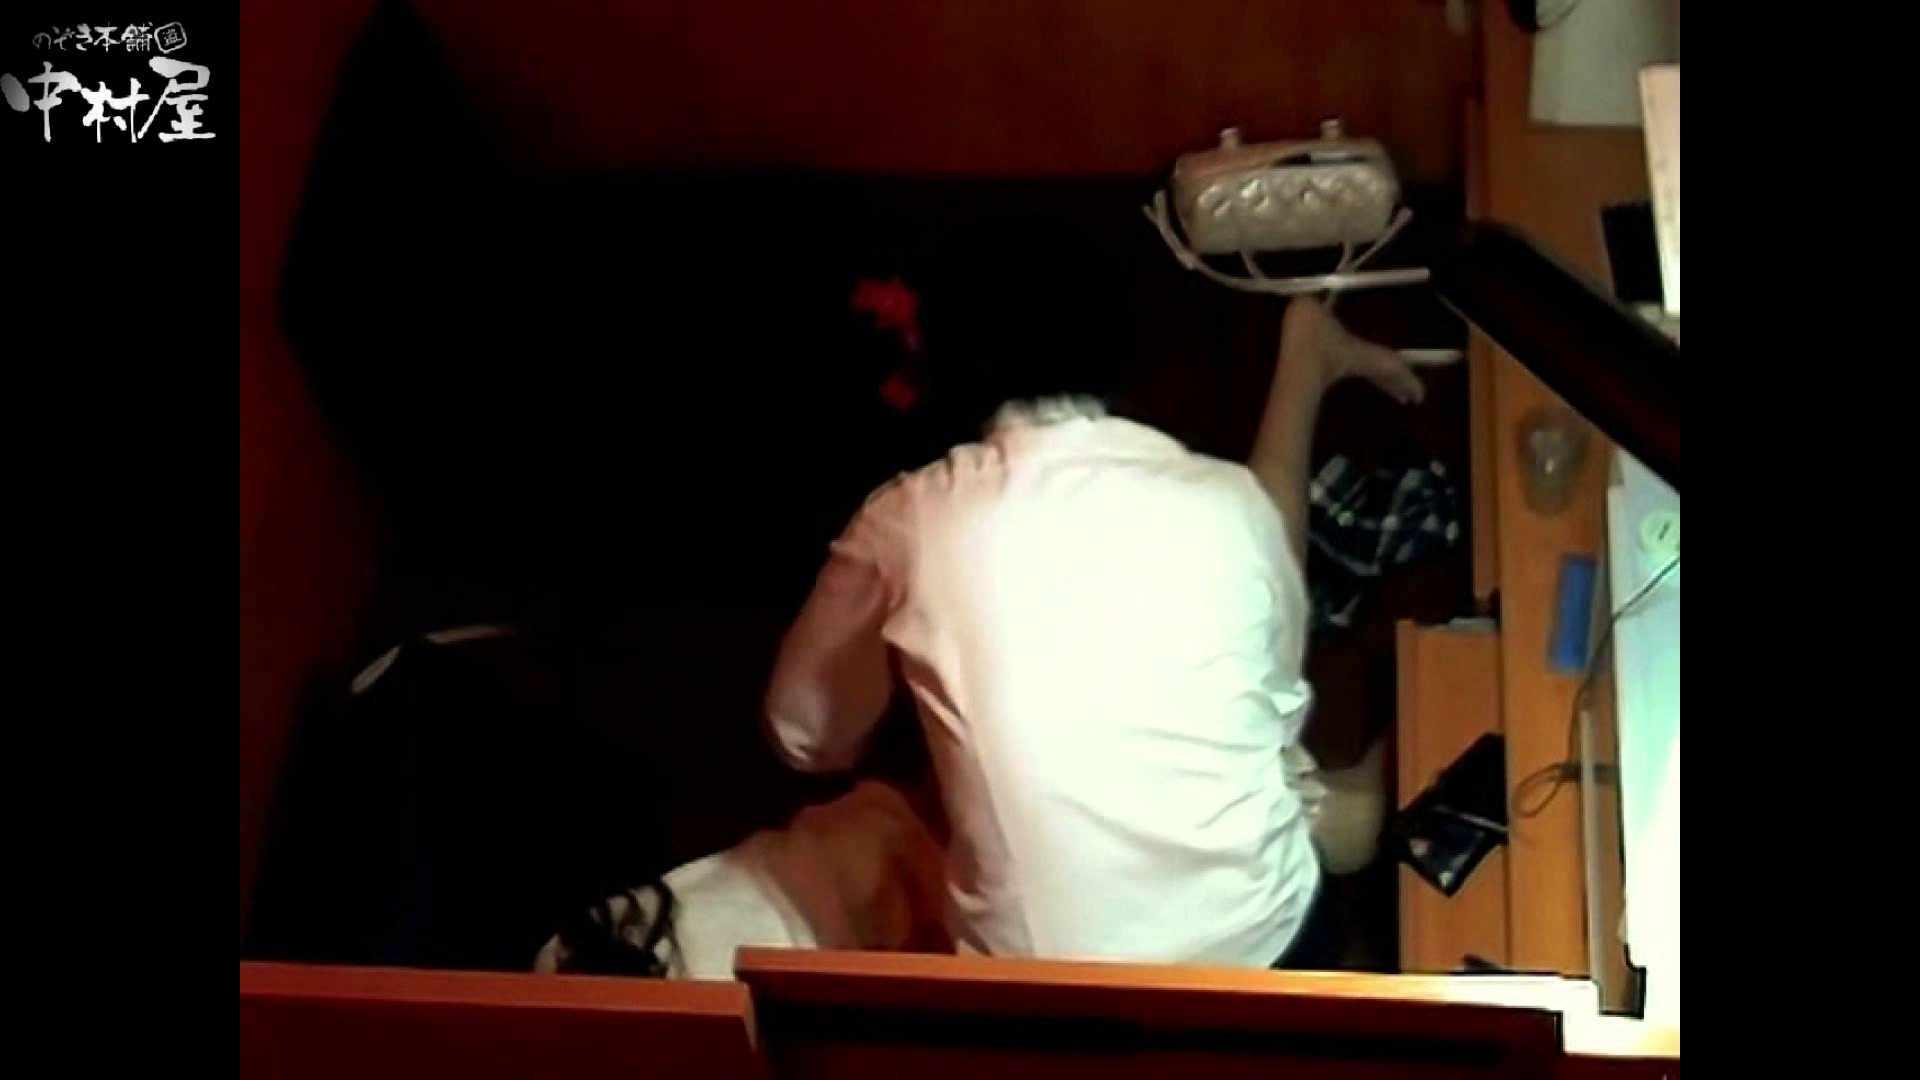 ネットカフェ盗撮師トロントさんの 素人カップル盗撮記vol.9 OL女体 のぞき動画画像 71連発 62